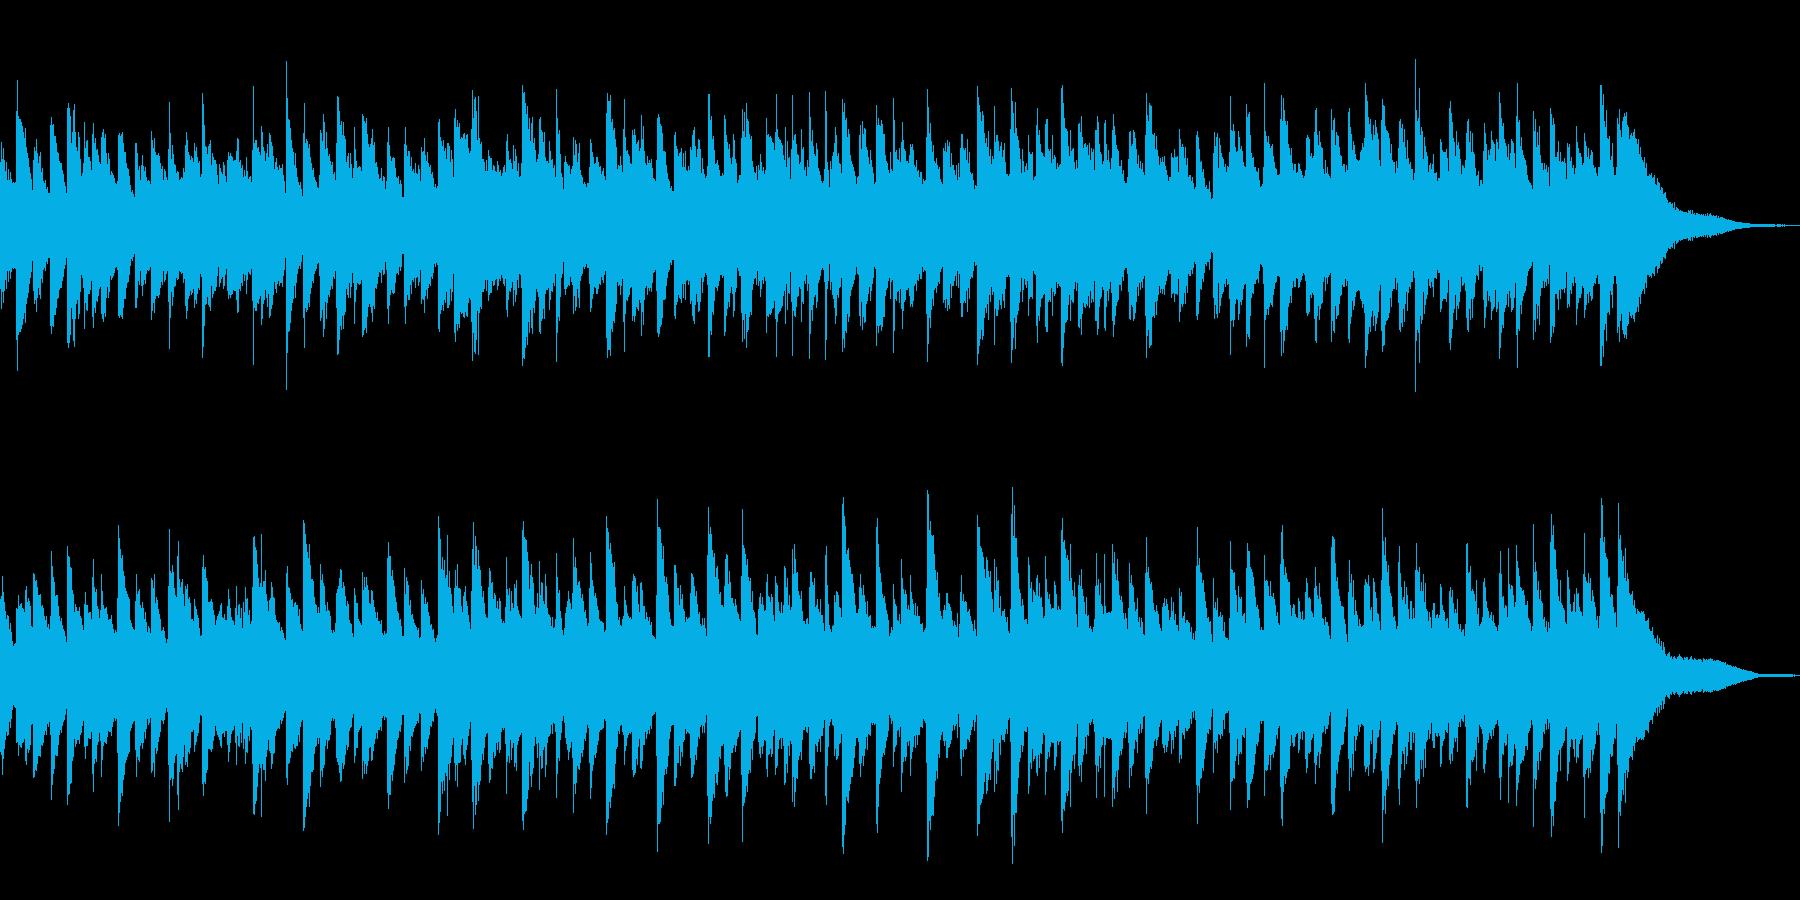 ピアノと鉄琴の穏やかなメロディーの再生済みの波形